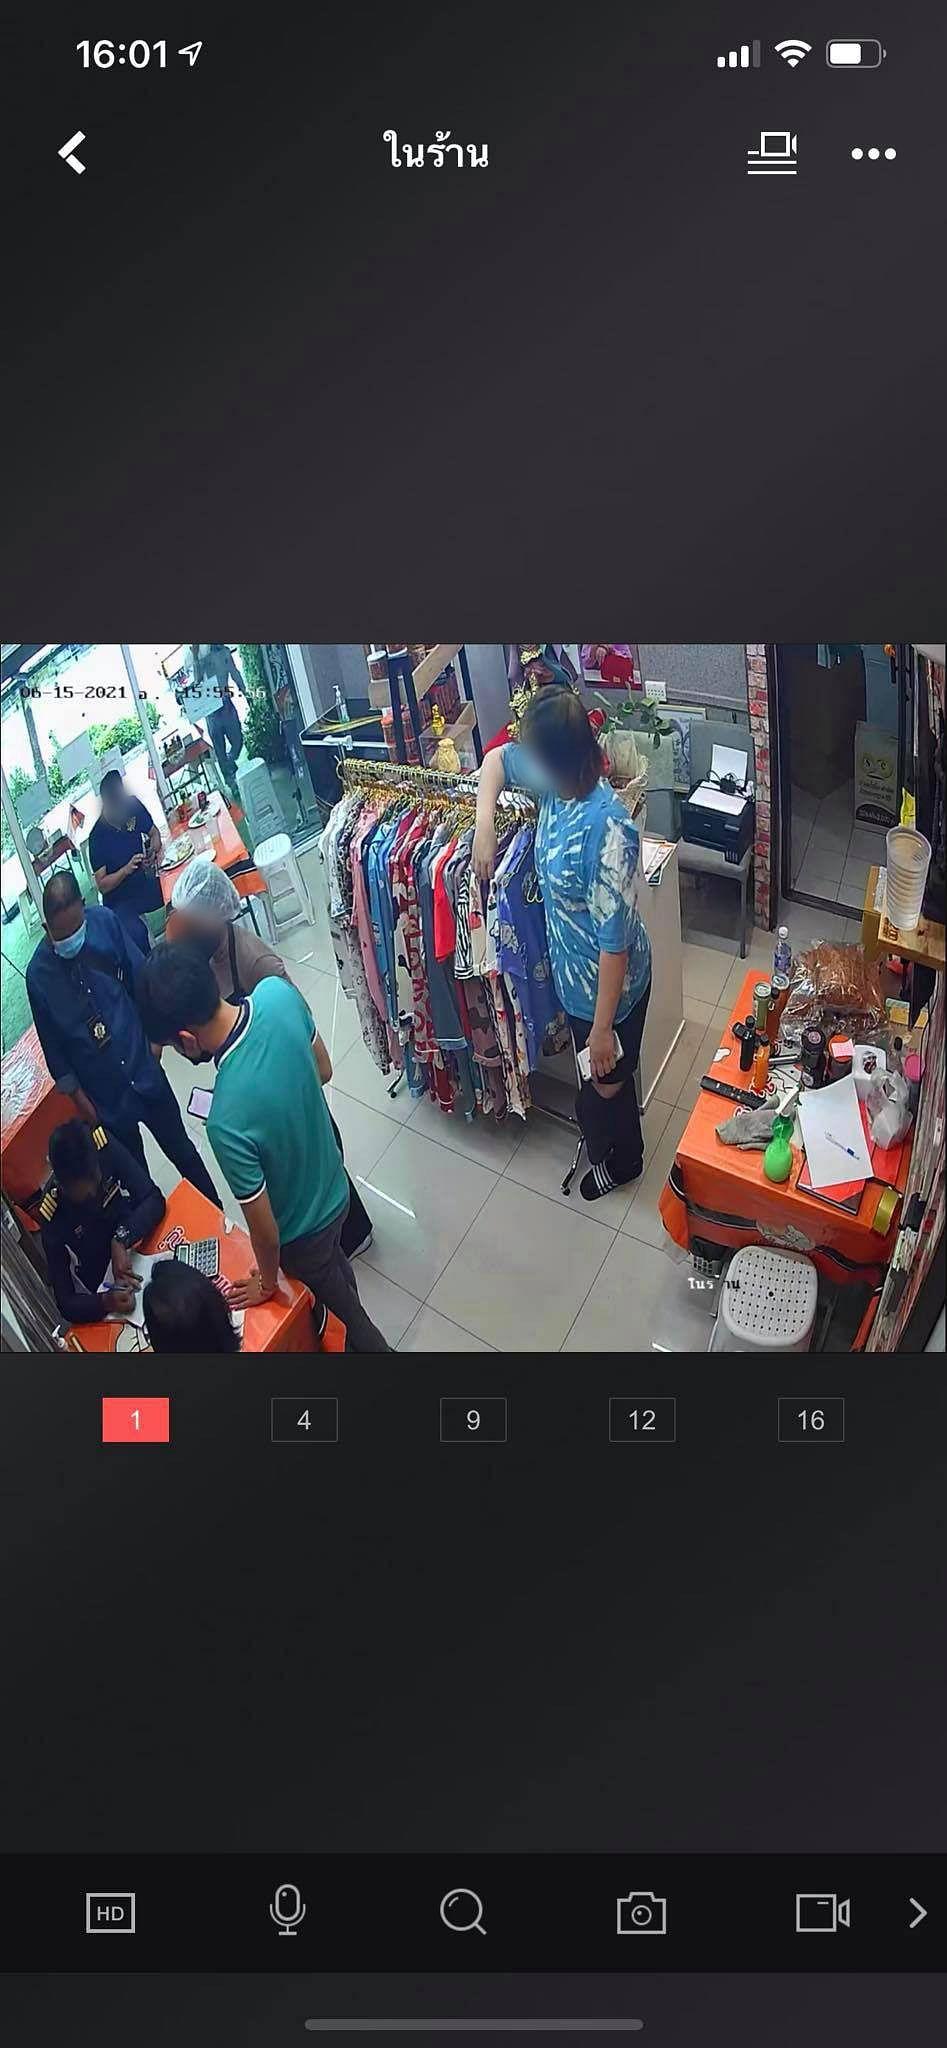 ภาพจากกล้องวงจรปิดภายในร้าน